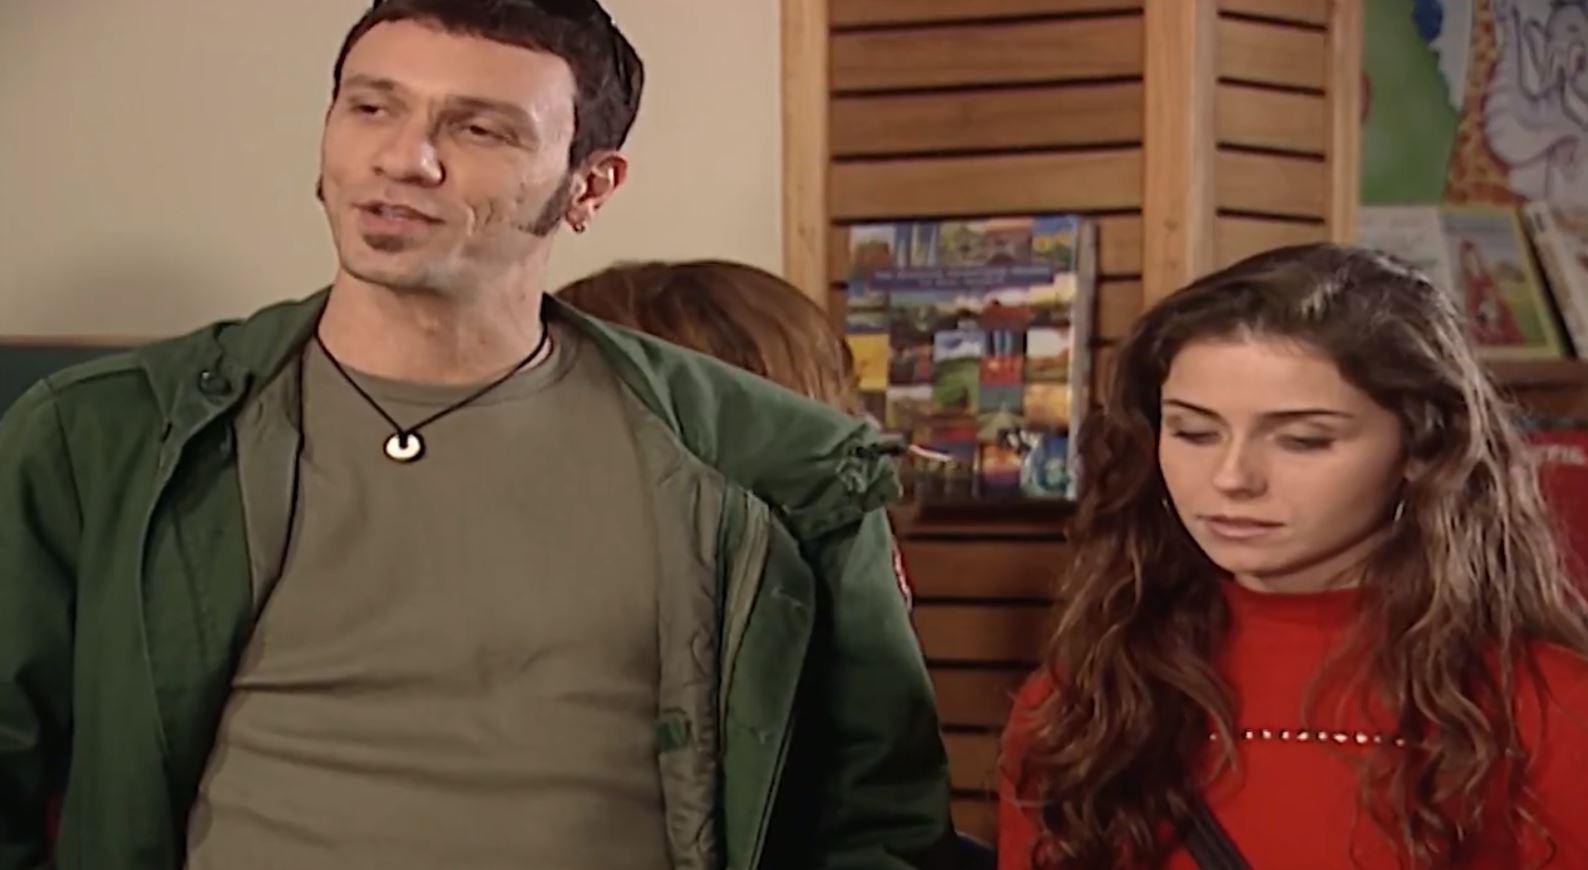 Luiz Nicolau como o Maurinho em cena com Capitu (Giovanna Antonelli) em Laços de Família